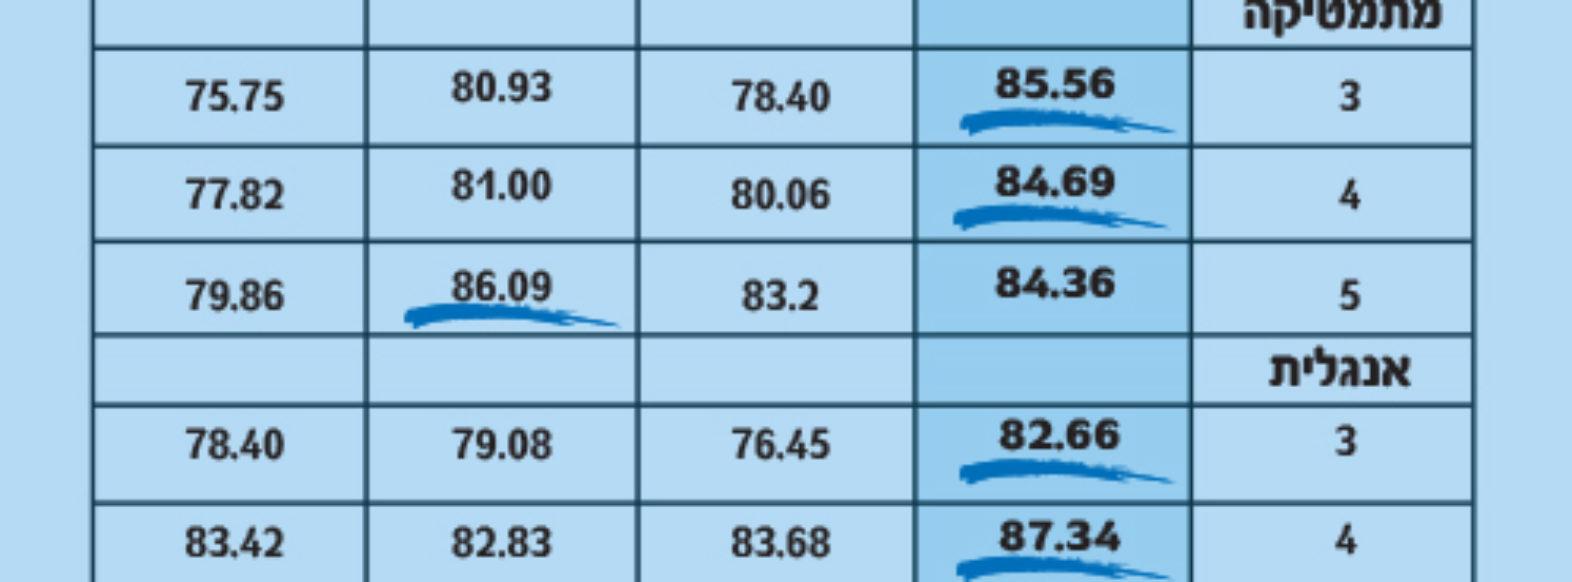 רוגוזין בקרhית אתא דורגה במקום הראשון בקריות באנגלית ומתמטיקה